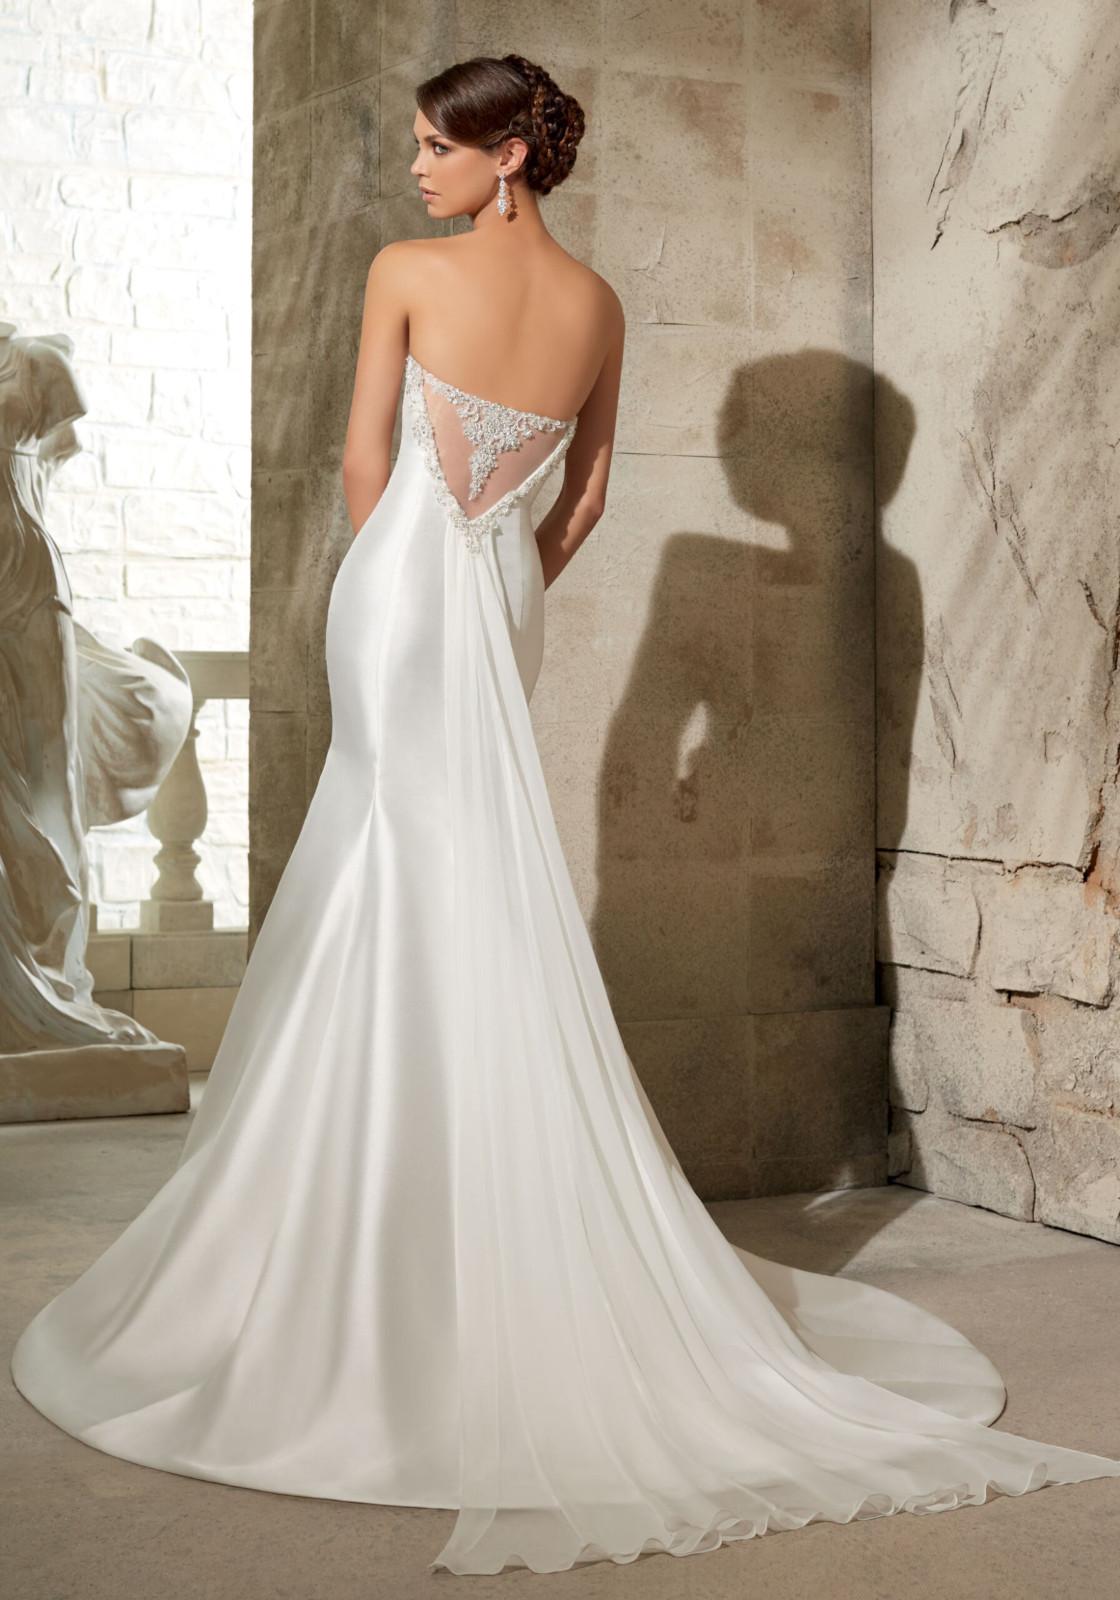 Νυφικό Φόρεμα, MORILEE, Larissa Satin, Κεντημένο, Style. 5304